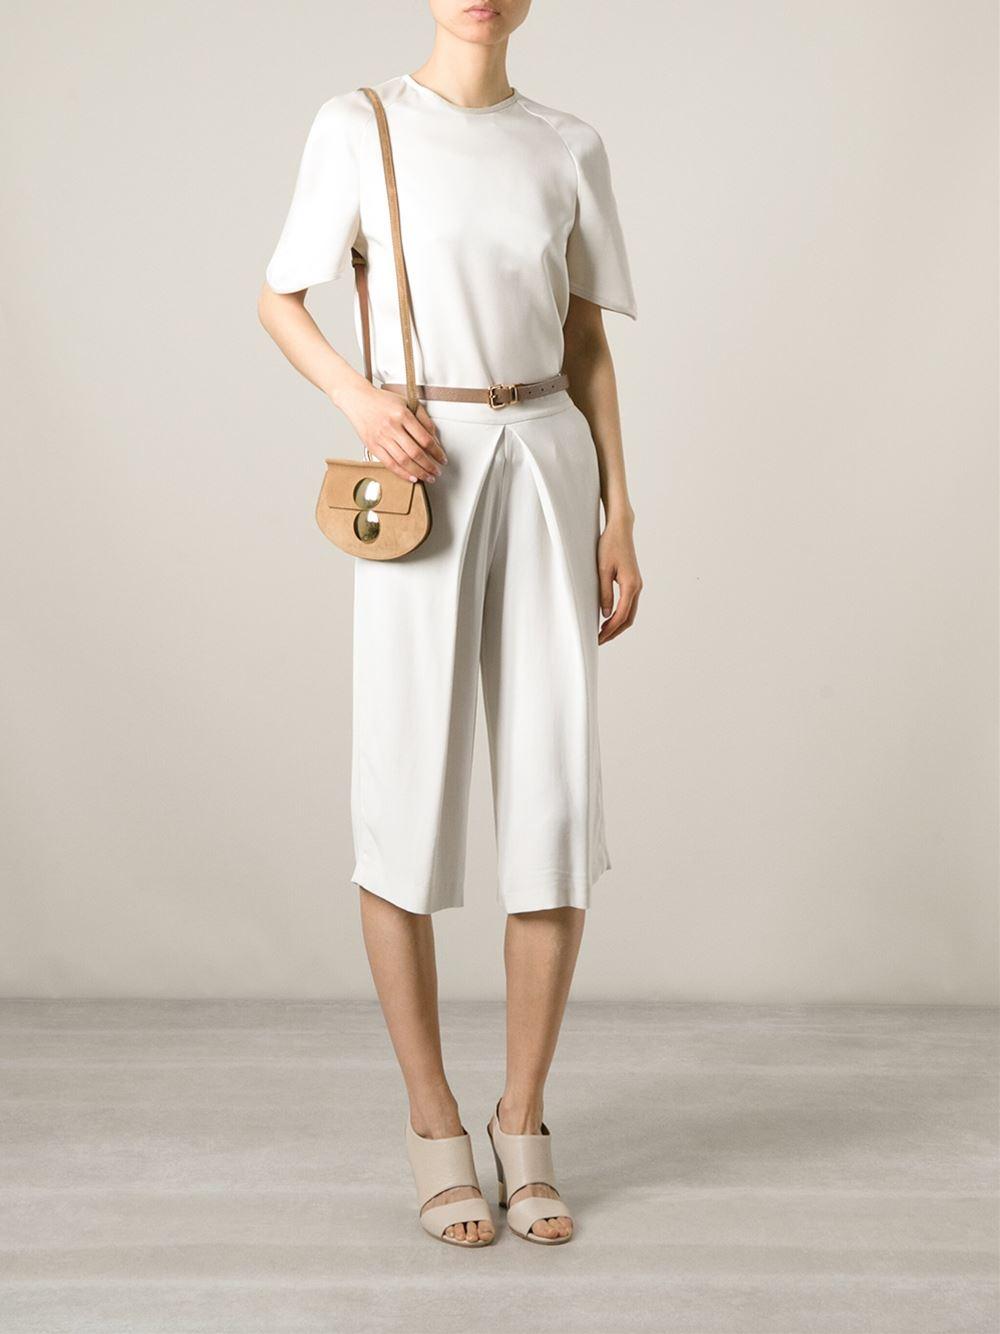 chloe marcie knockoff - chloe mini faye crossbody bag, chole purses